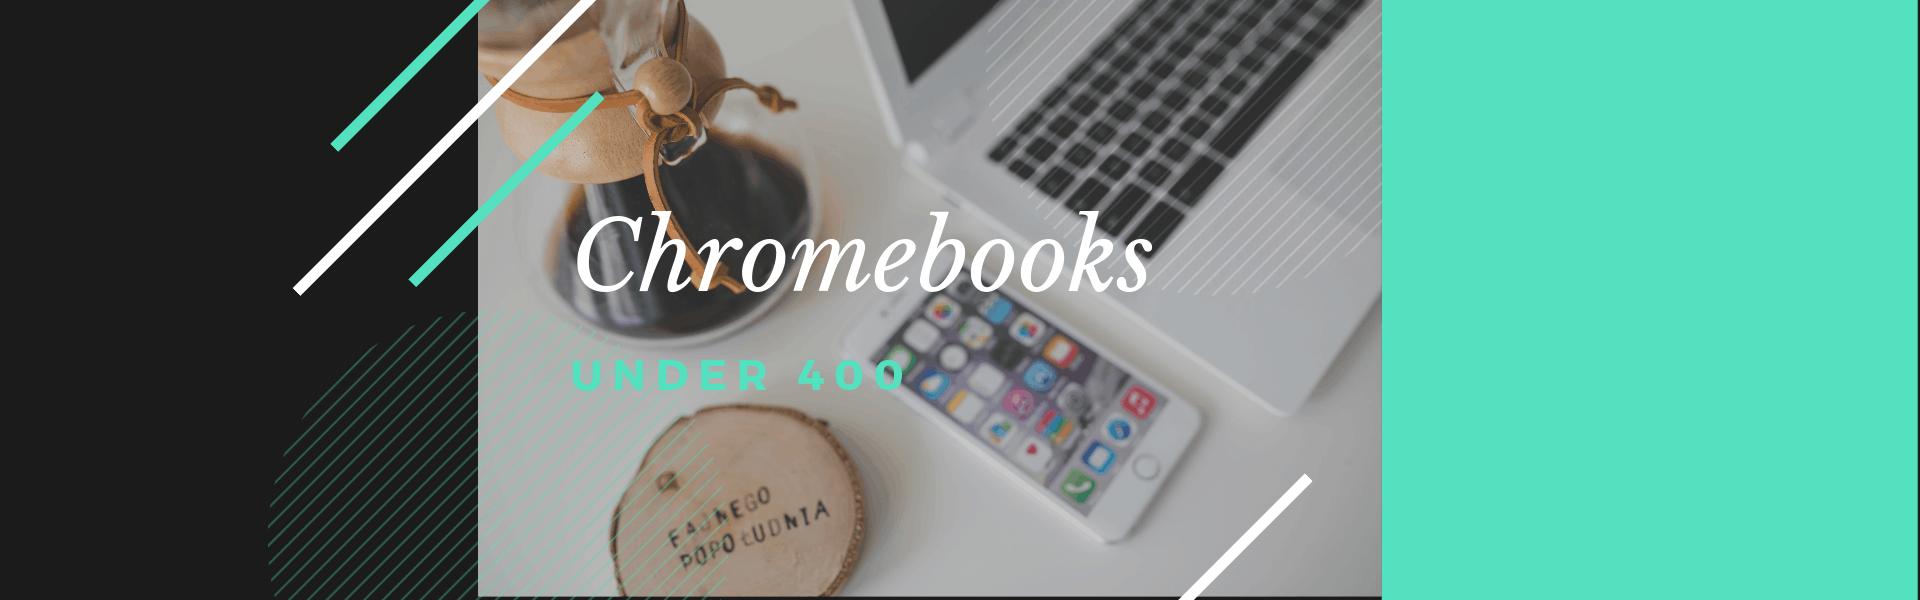 New Chromebooks 2020.6 Best Chromebooks Under 400 Guide 2020 Laptops Whizz